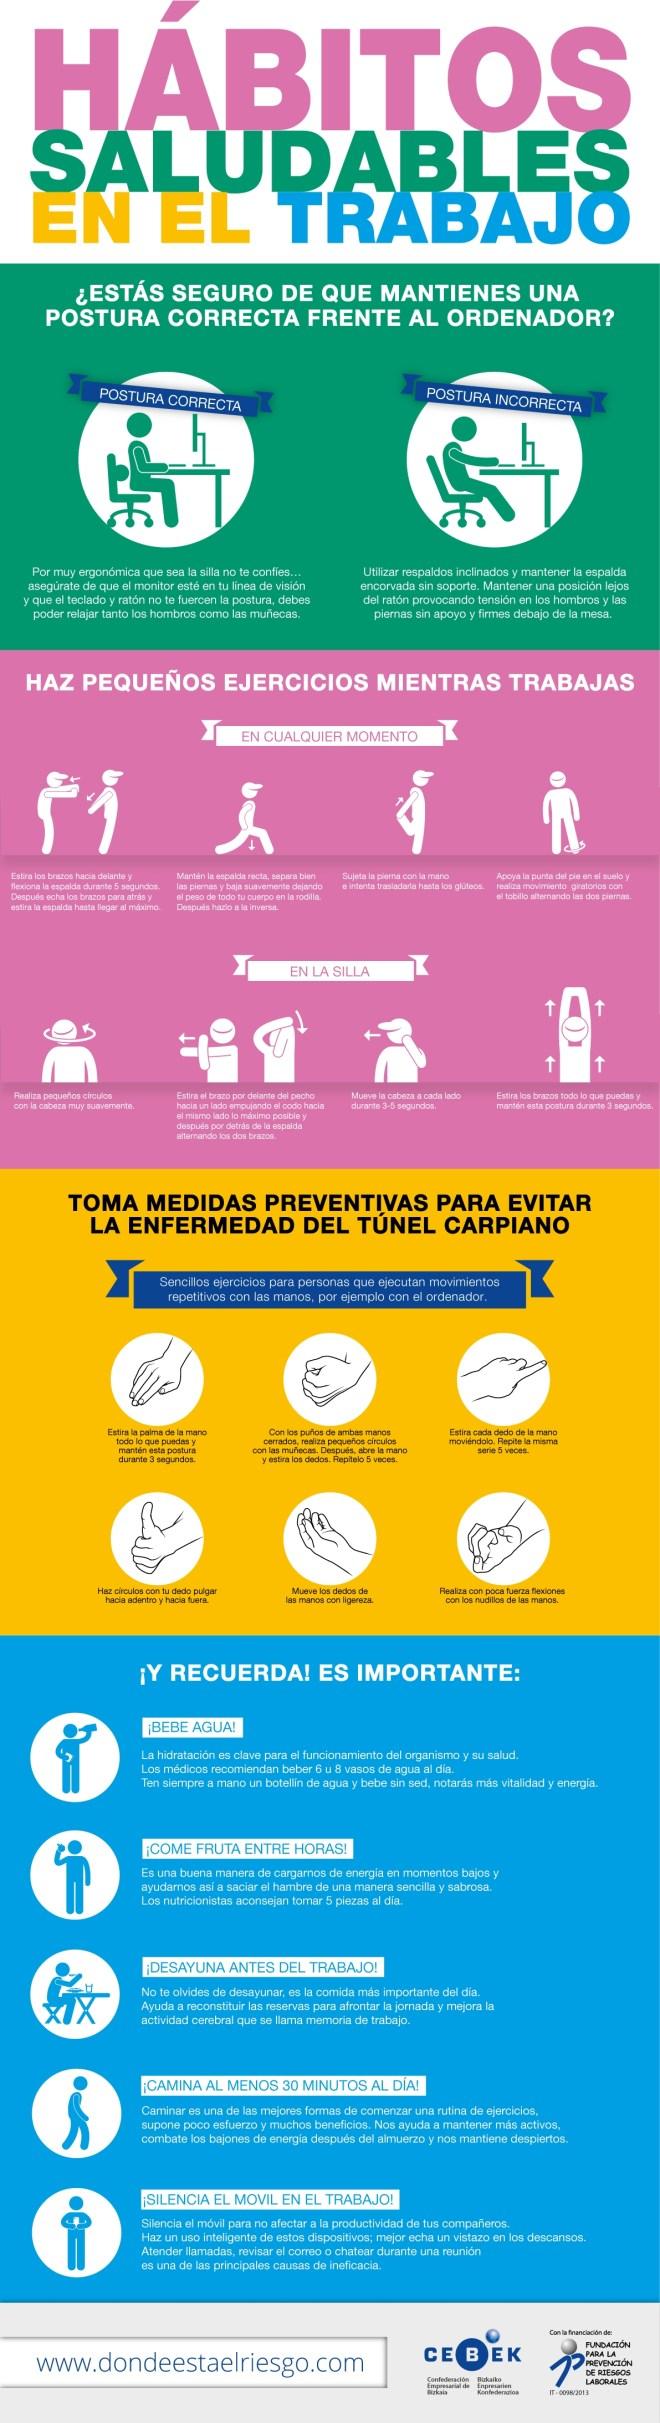 Hábitos saludables en el trabajo